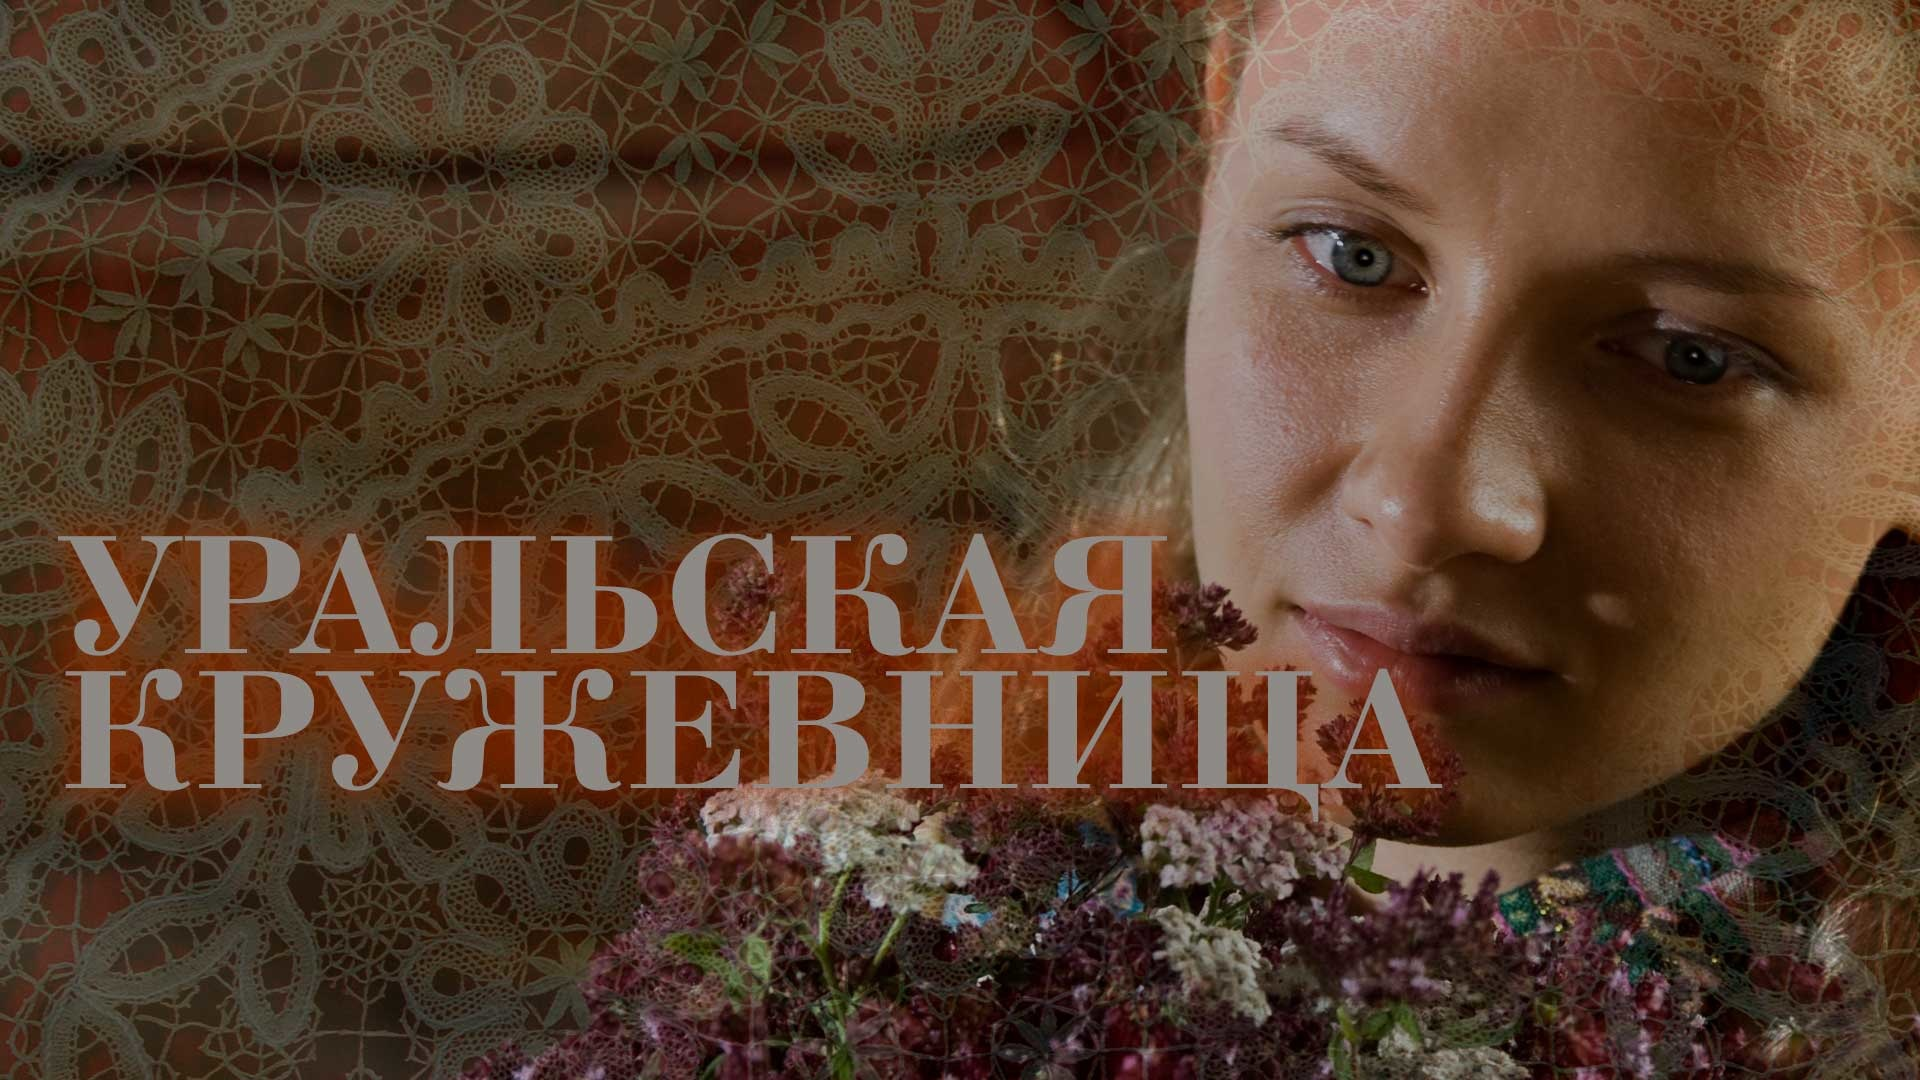 Уральская кружевница